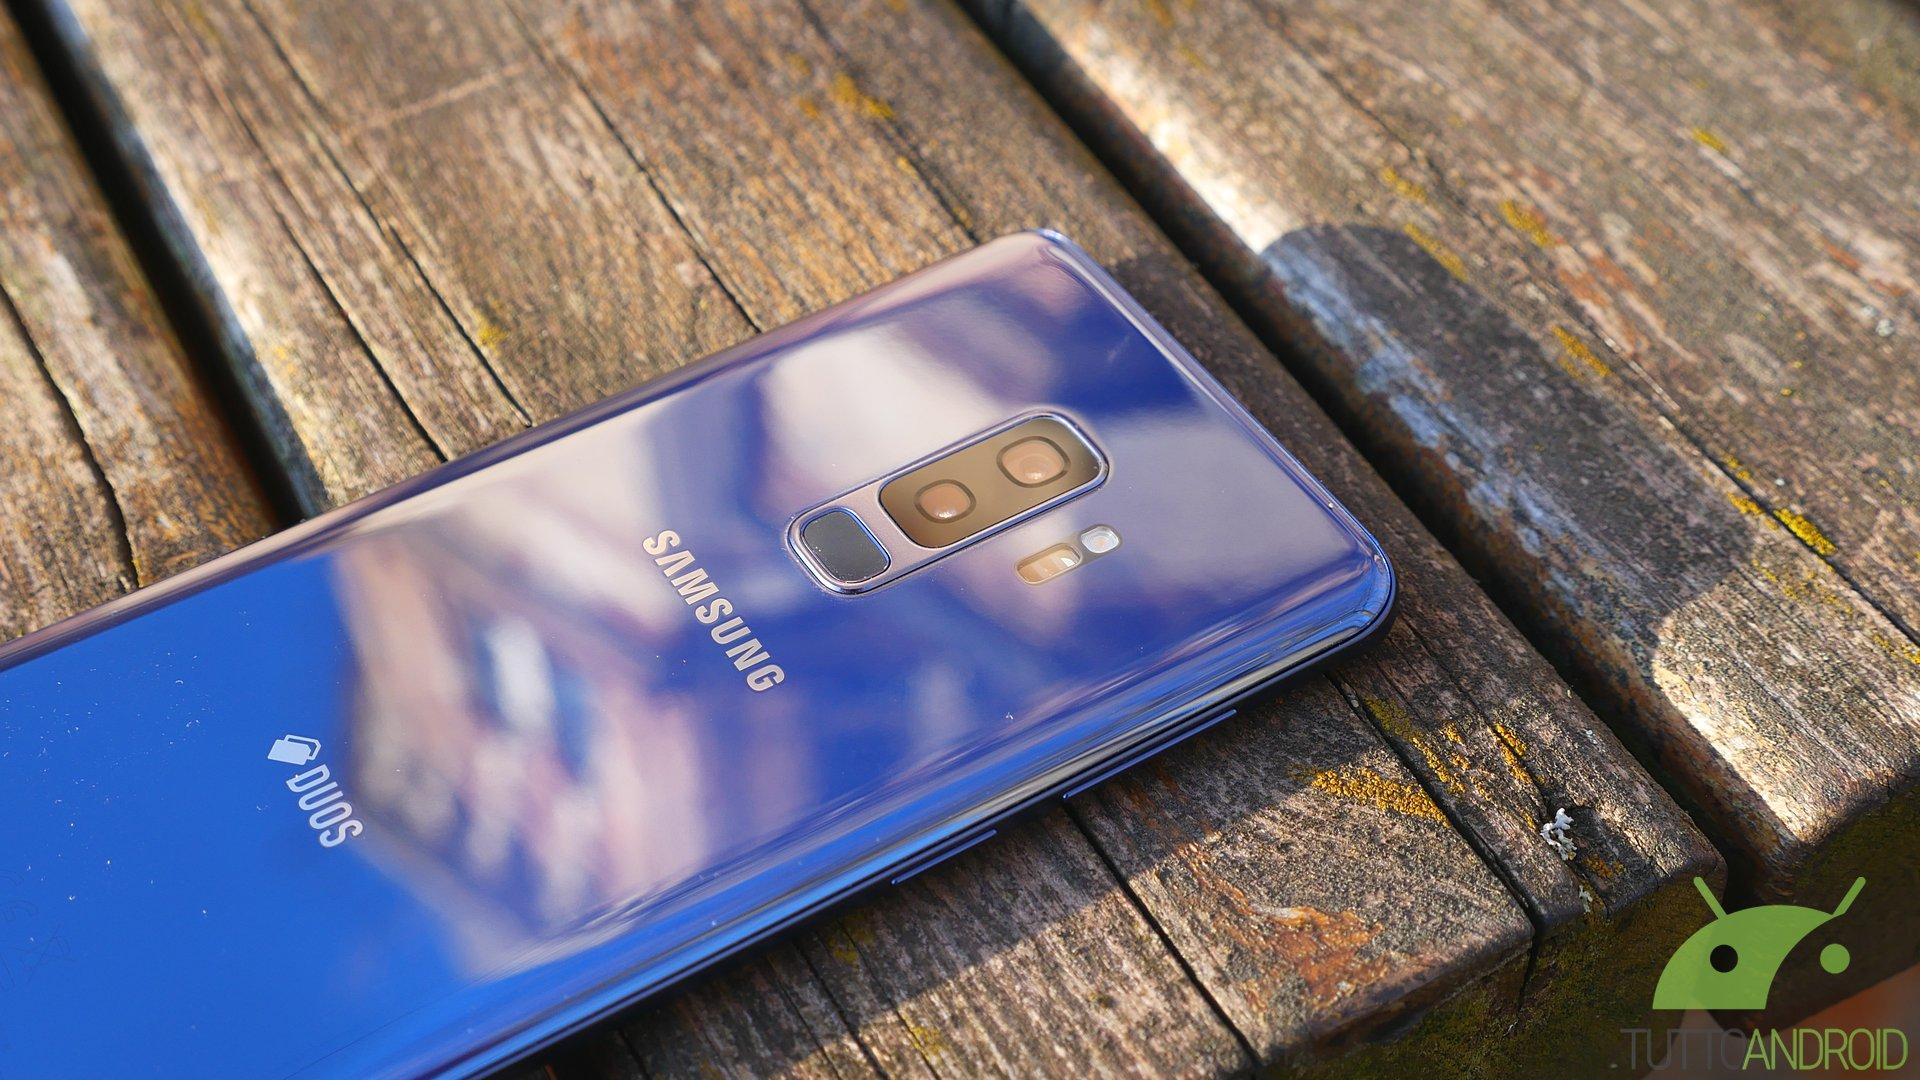 Samsungs One UI: So sieht Android Pie auf dem Galaxy S9 Plus